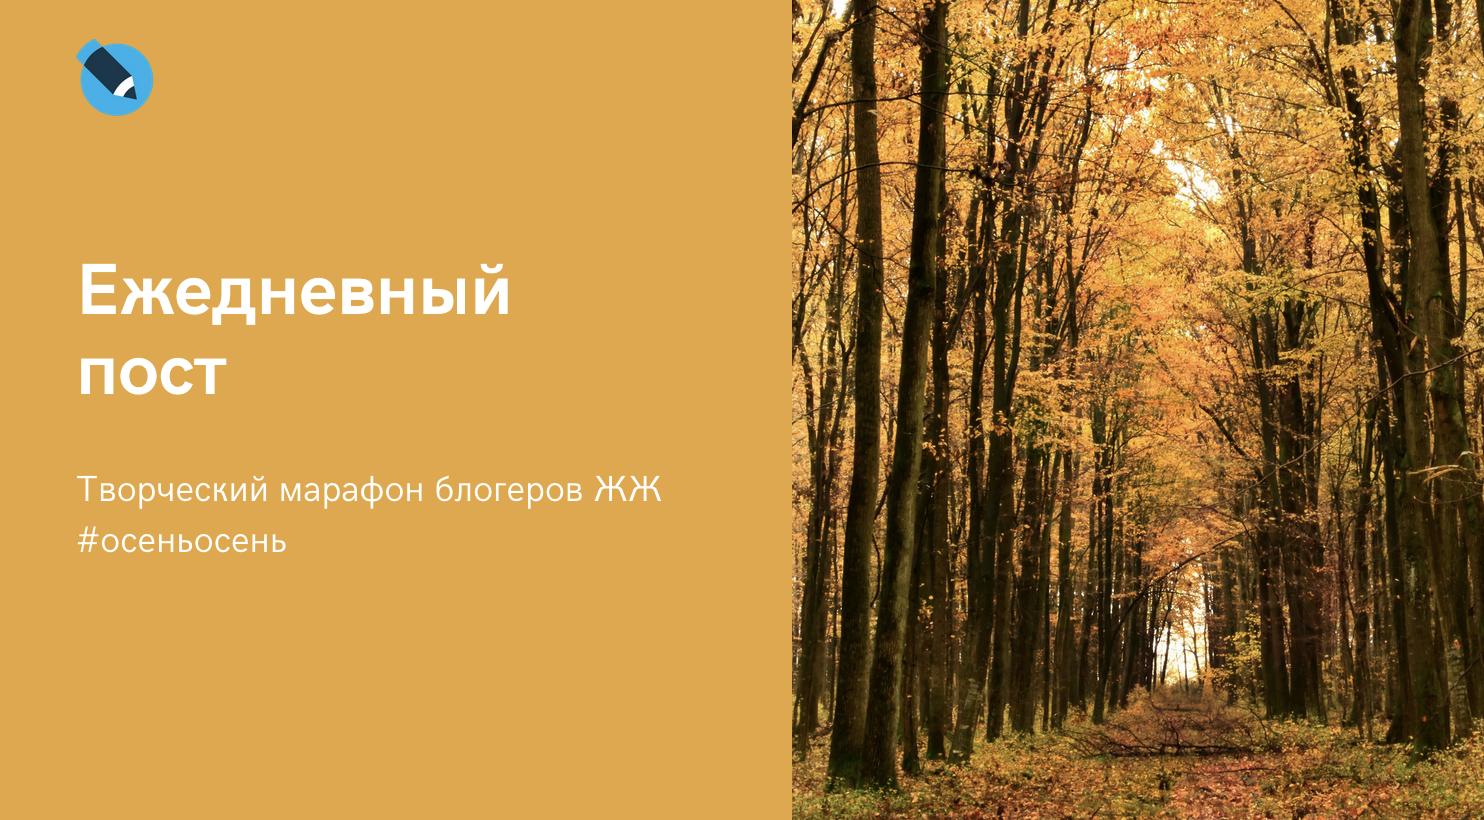 #осеньосень